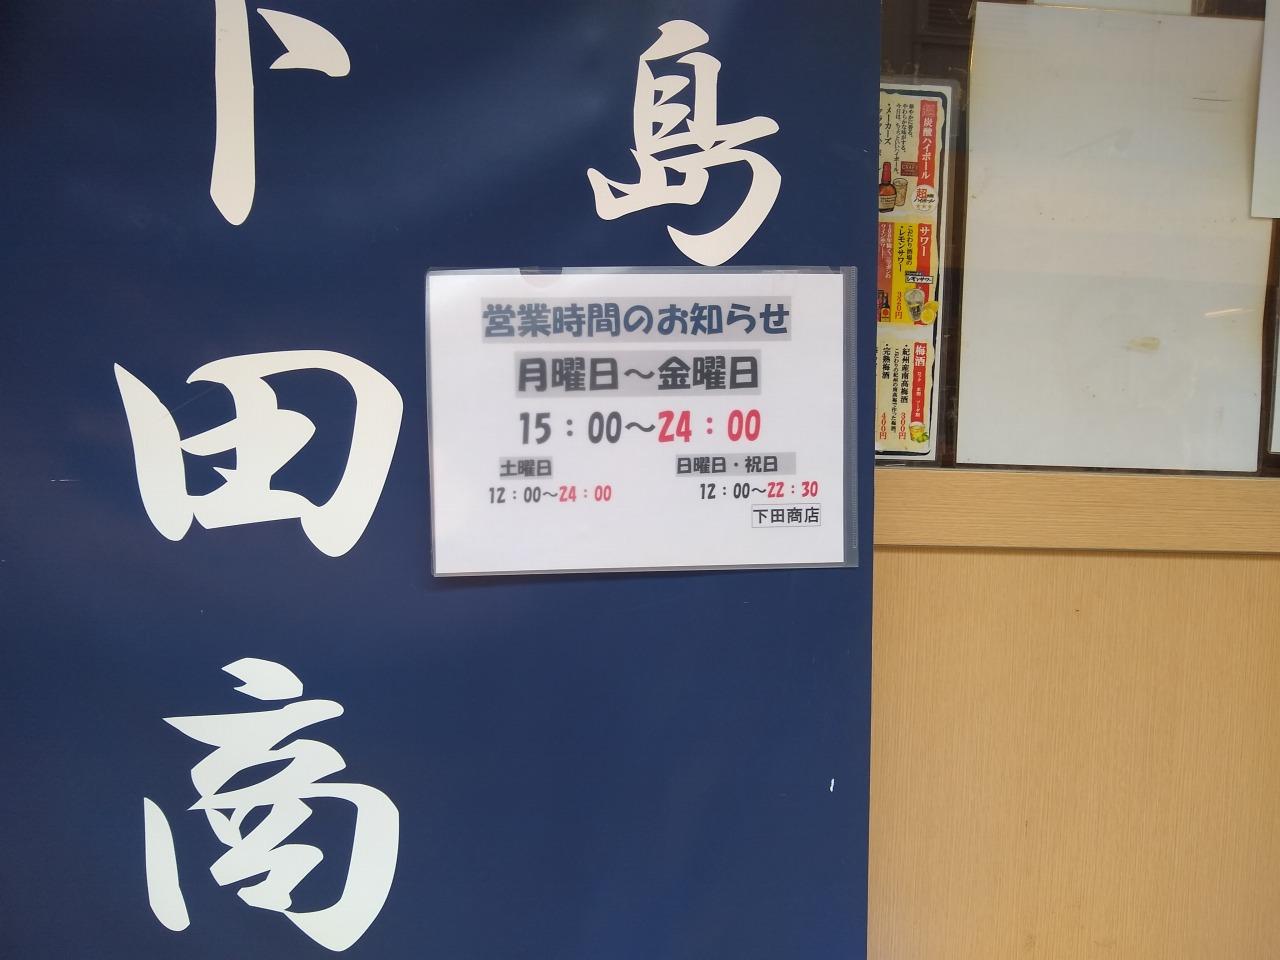 下田商店営業時間2020年7月